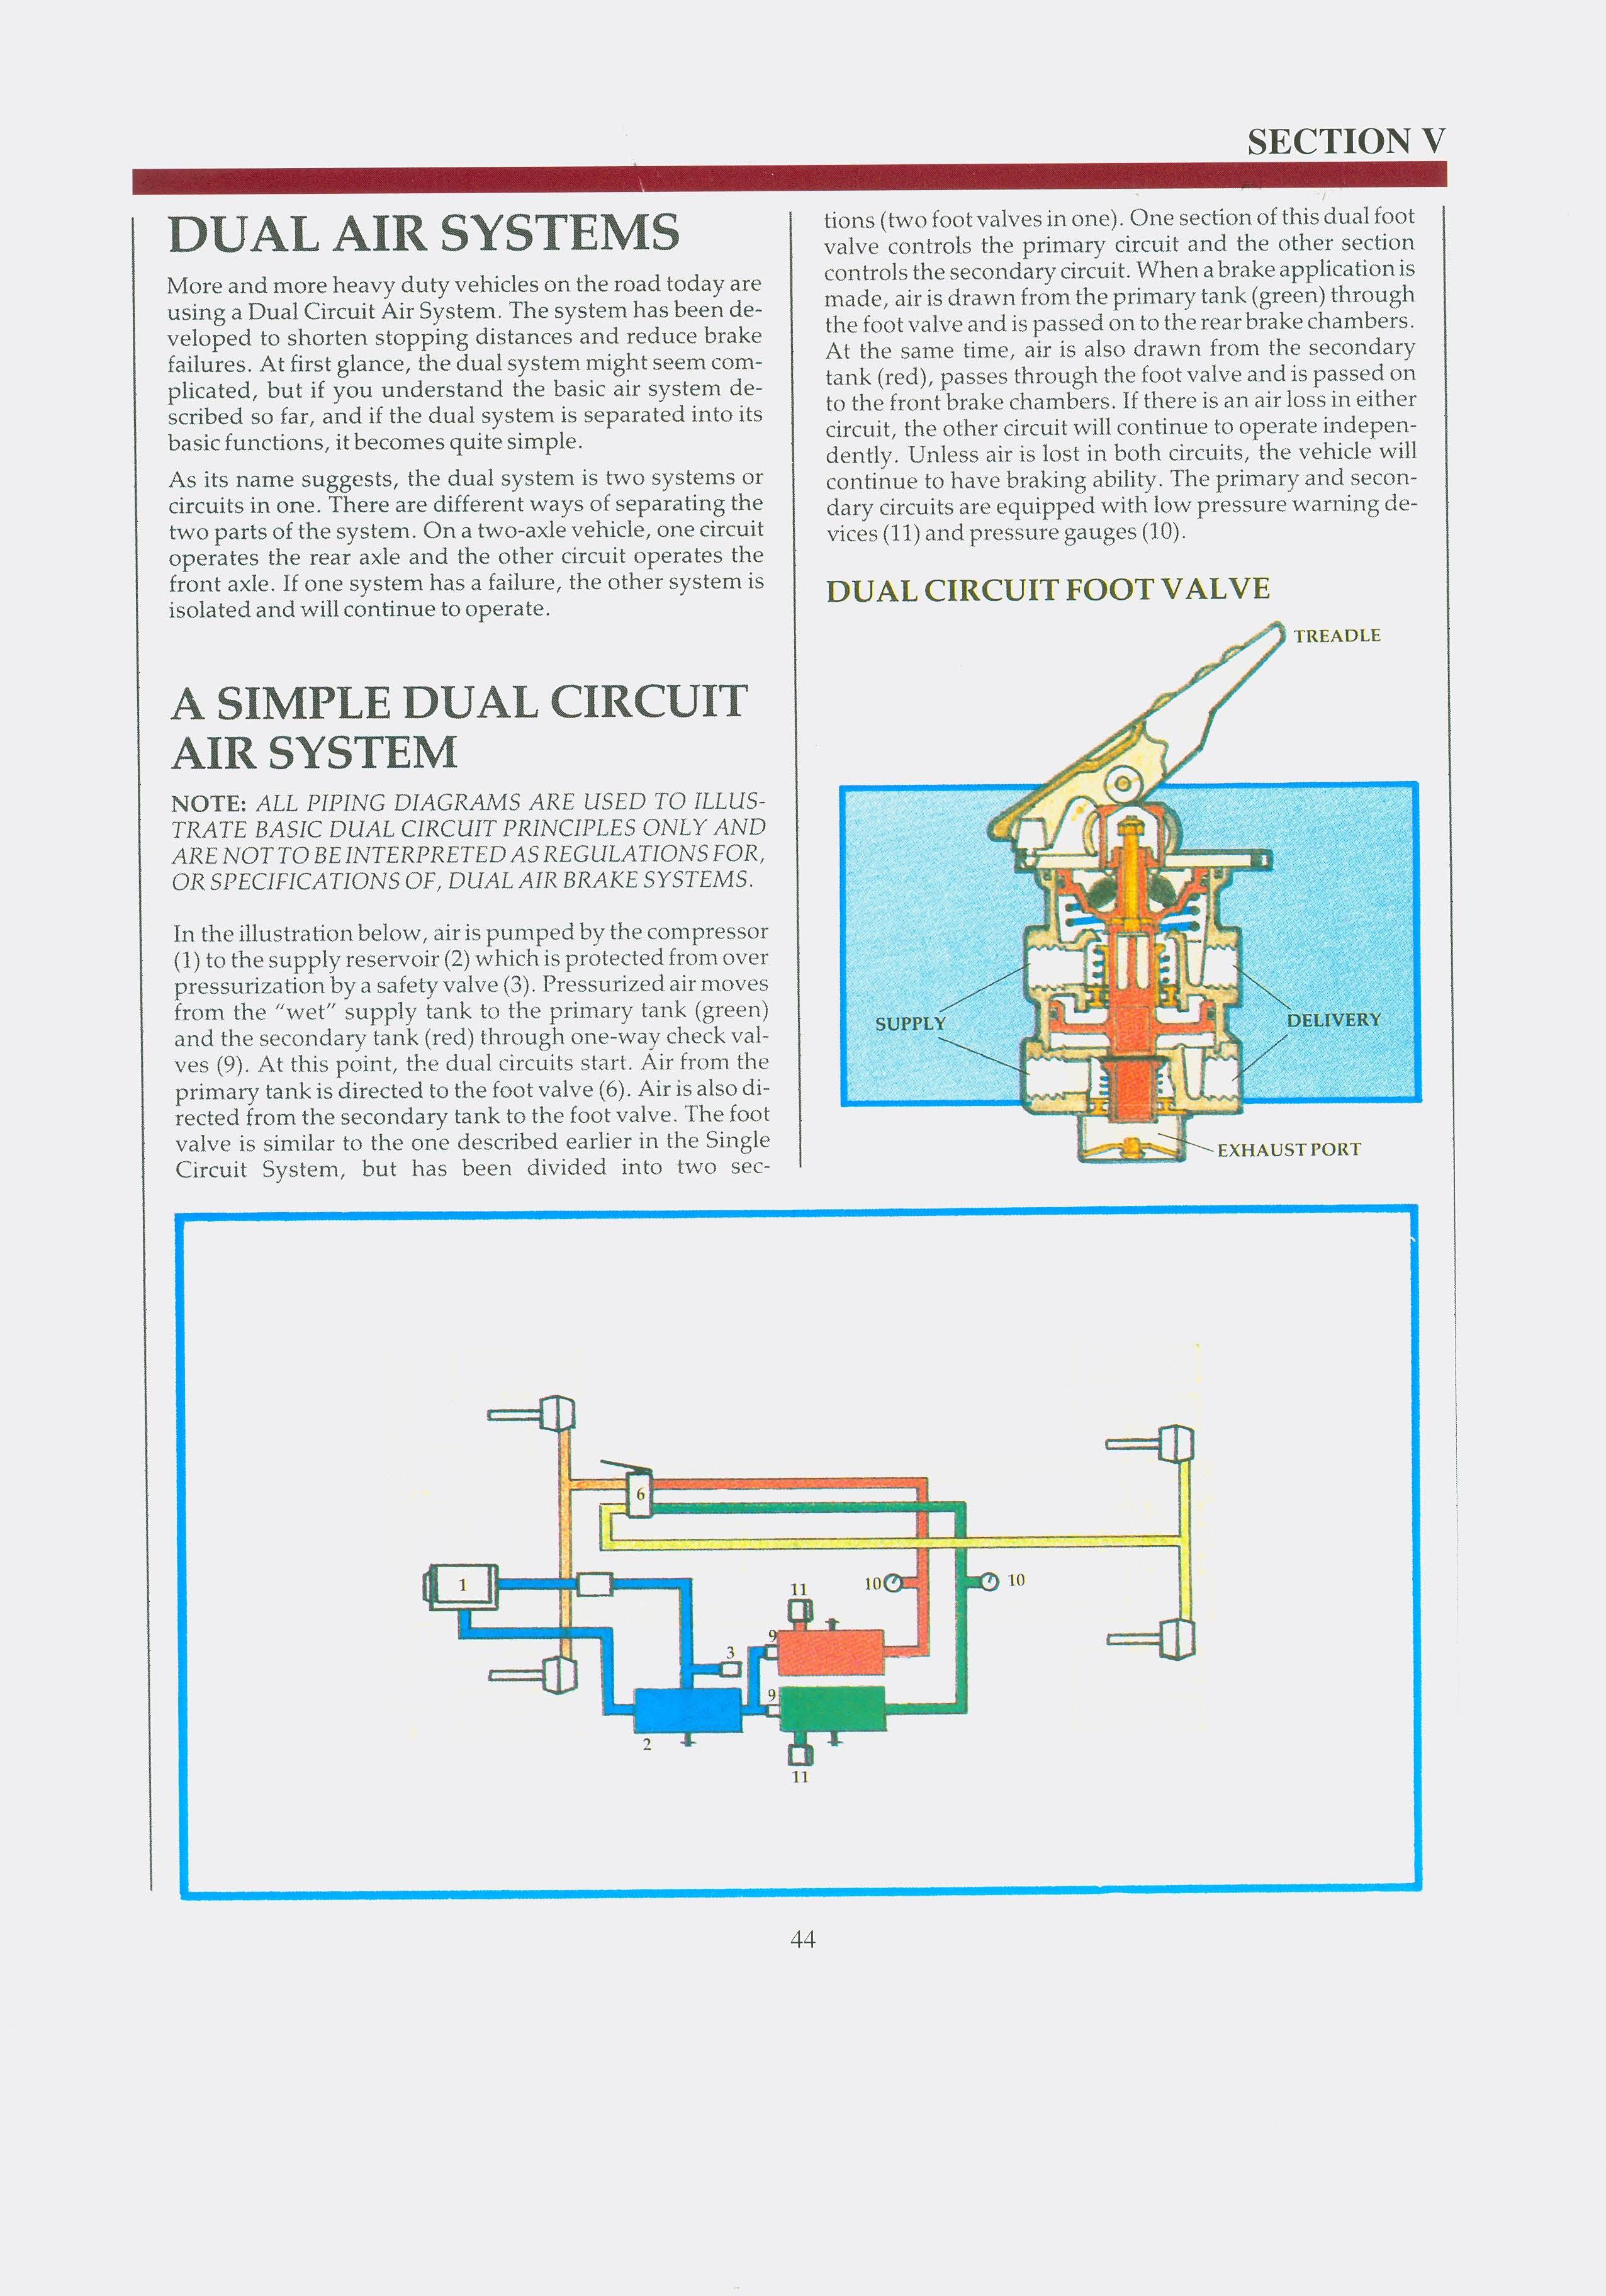 Air Brake Foot Valve Diagram Newfoundland And Labrador Pdf